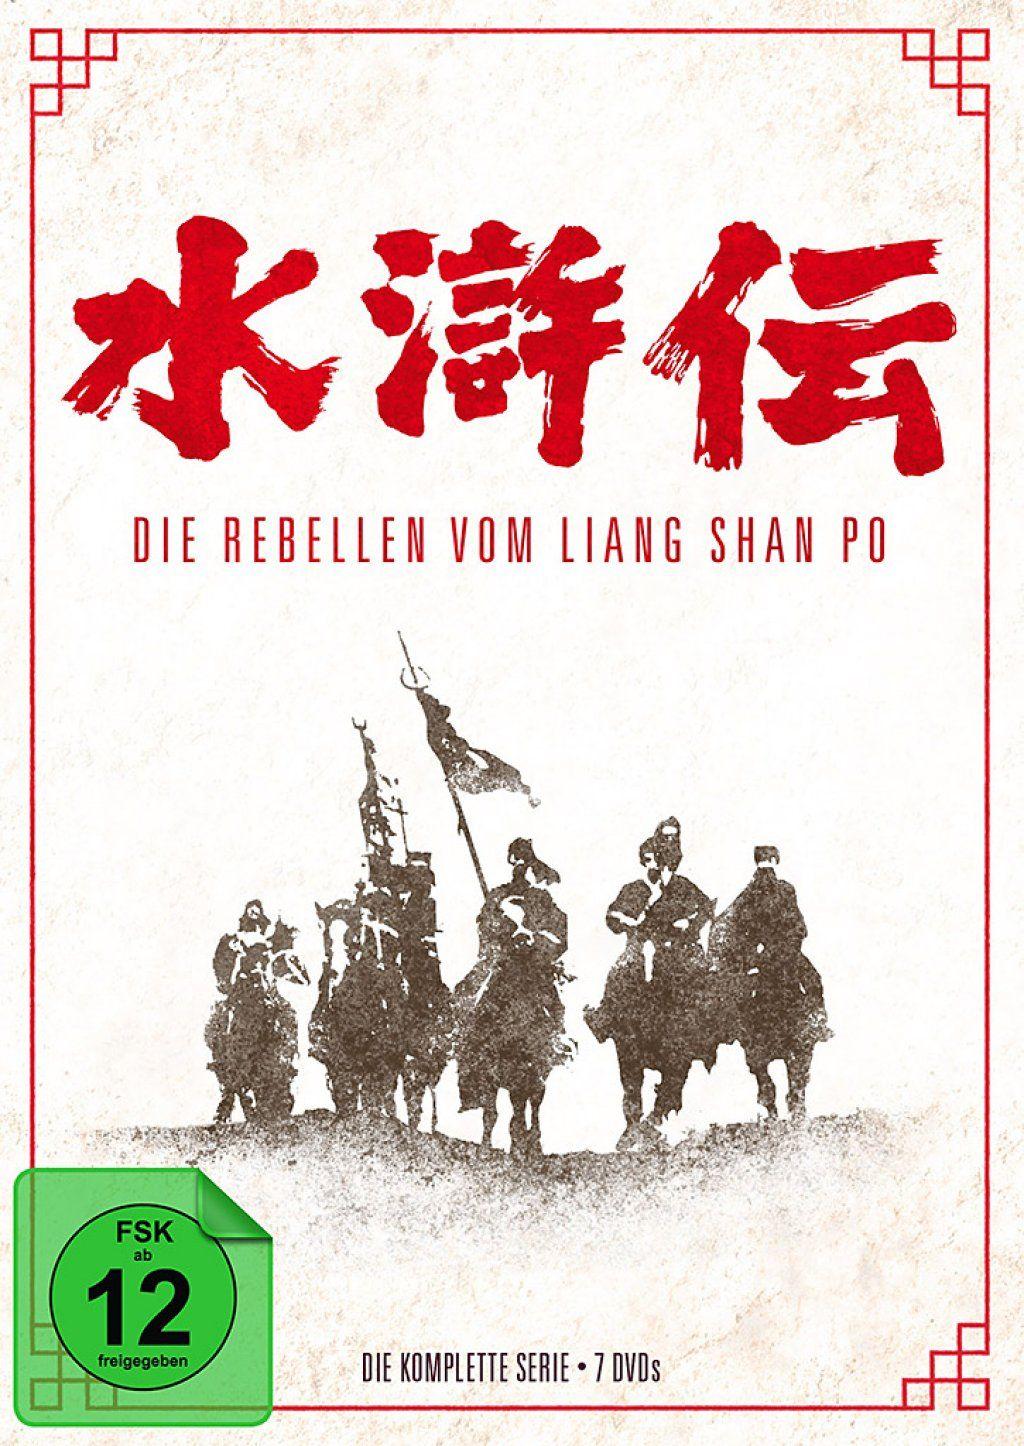 Rebellen vom Liang Shan Po, Die (Neuauflage) (7 Discs)